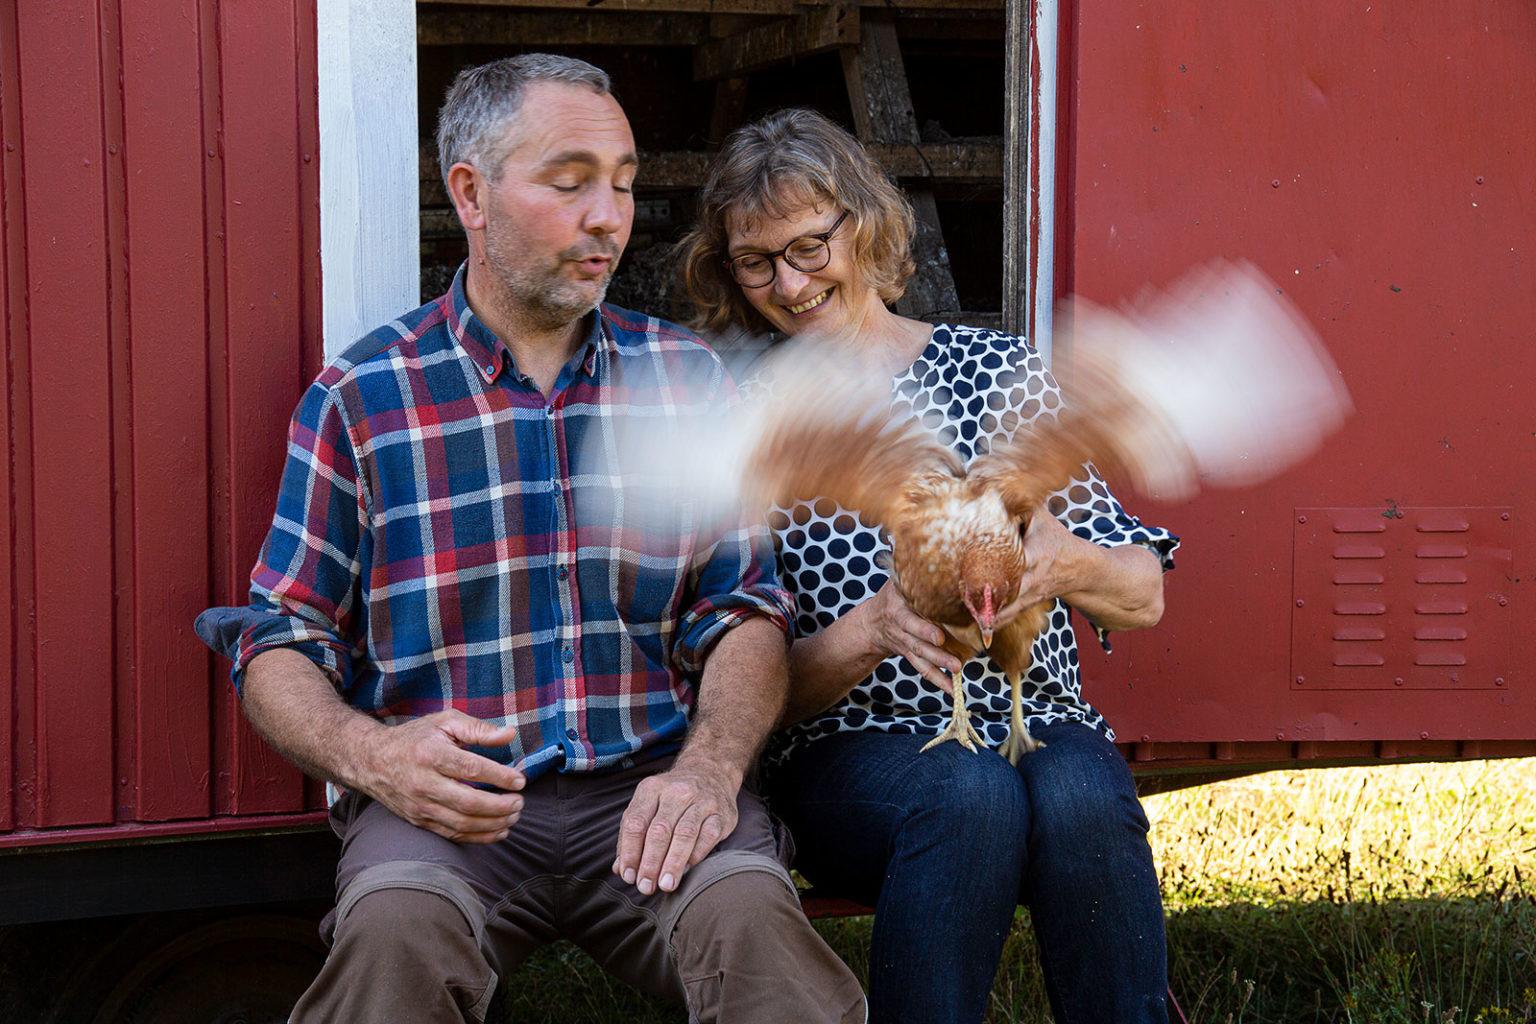 Dirk und Sonja Tensfeldt. Das Huhn hat was anderes vor.